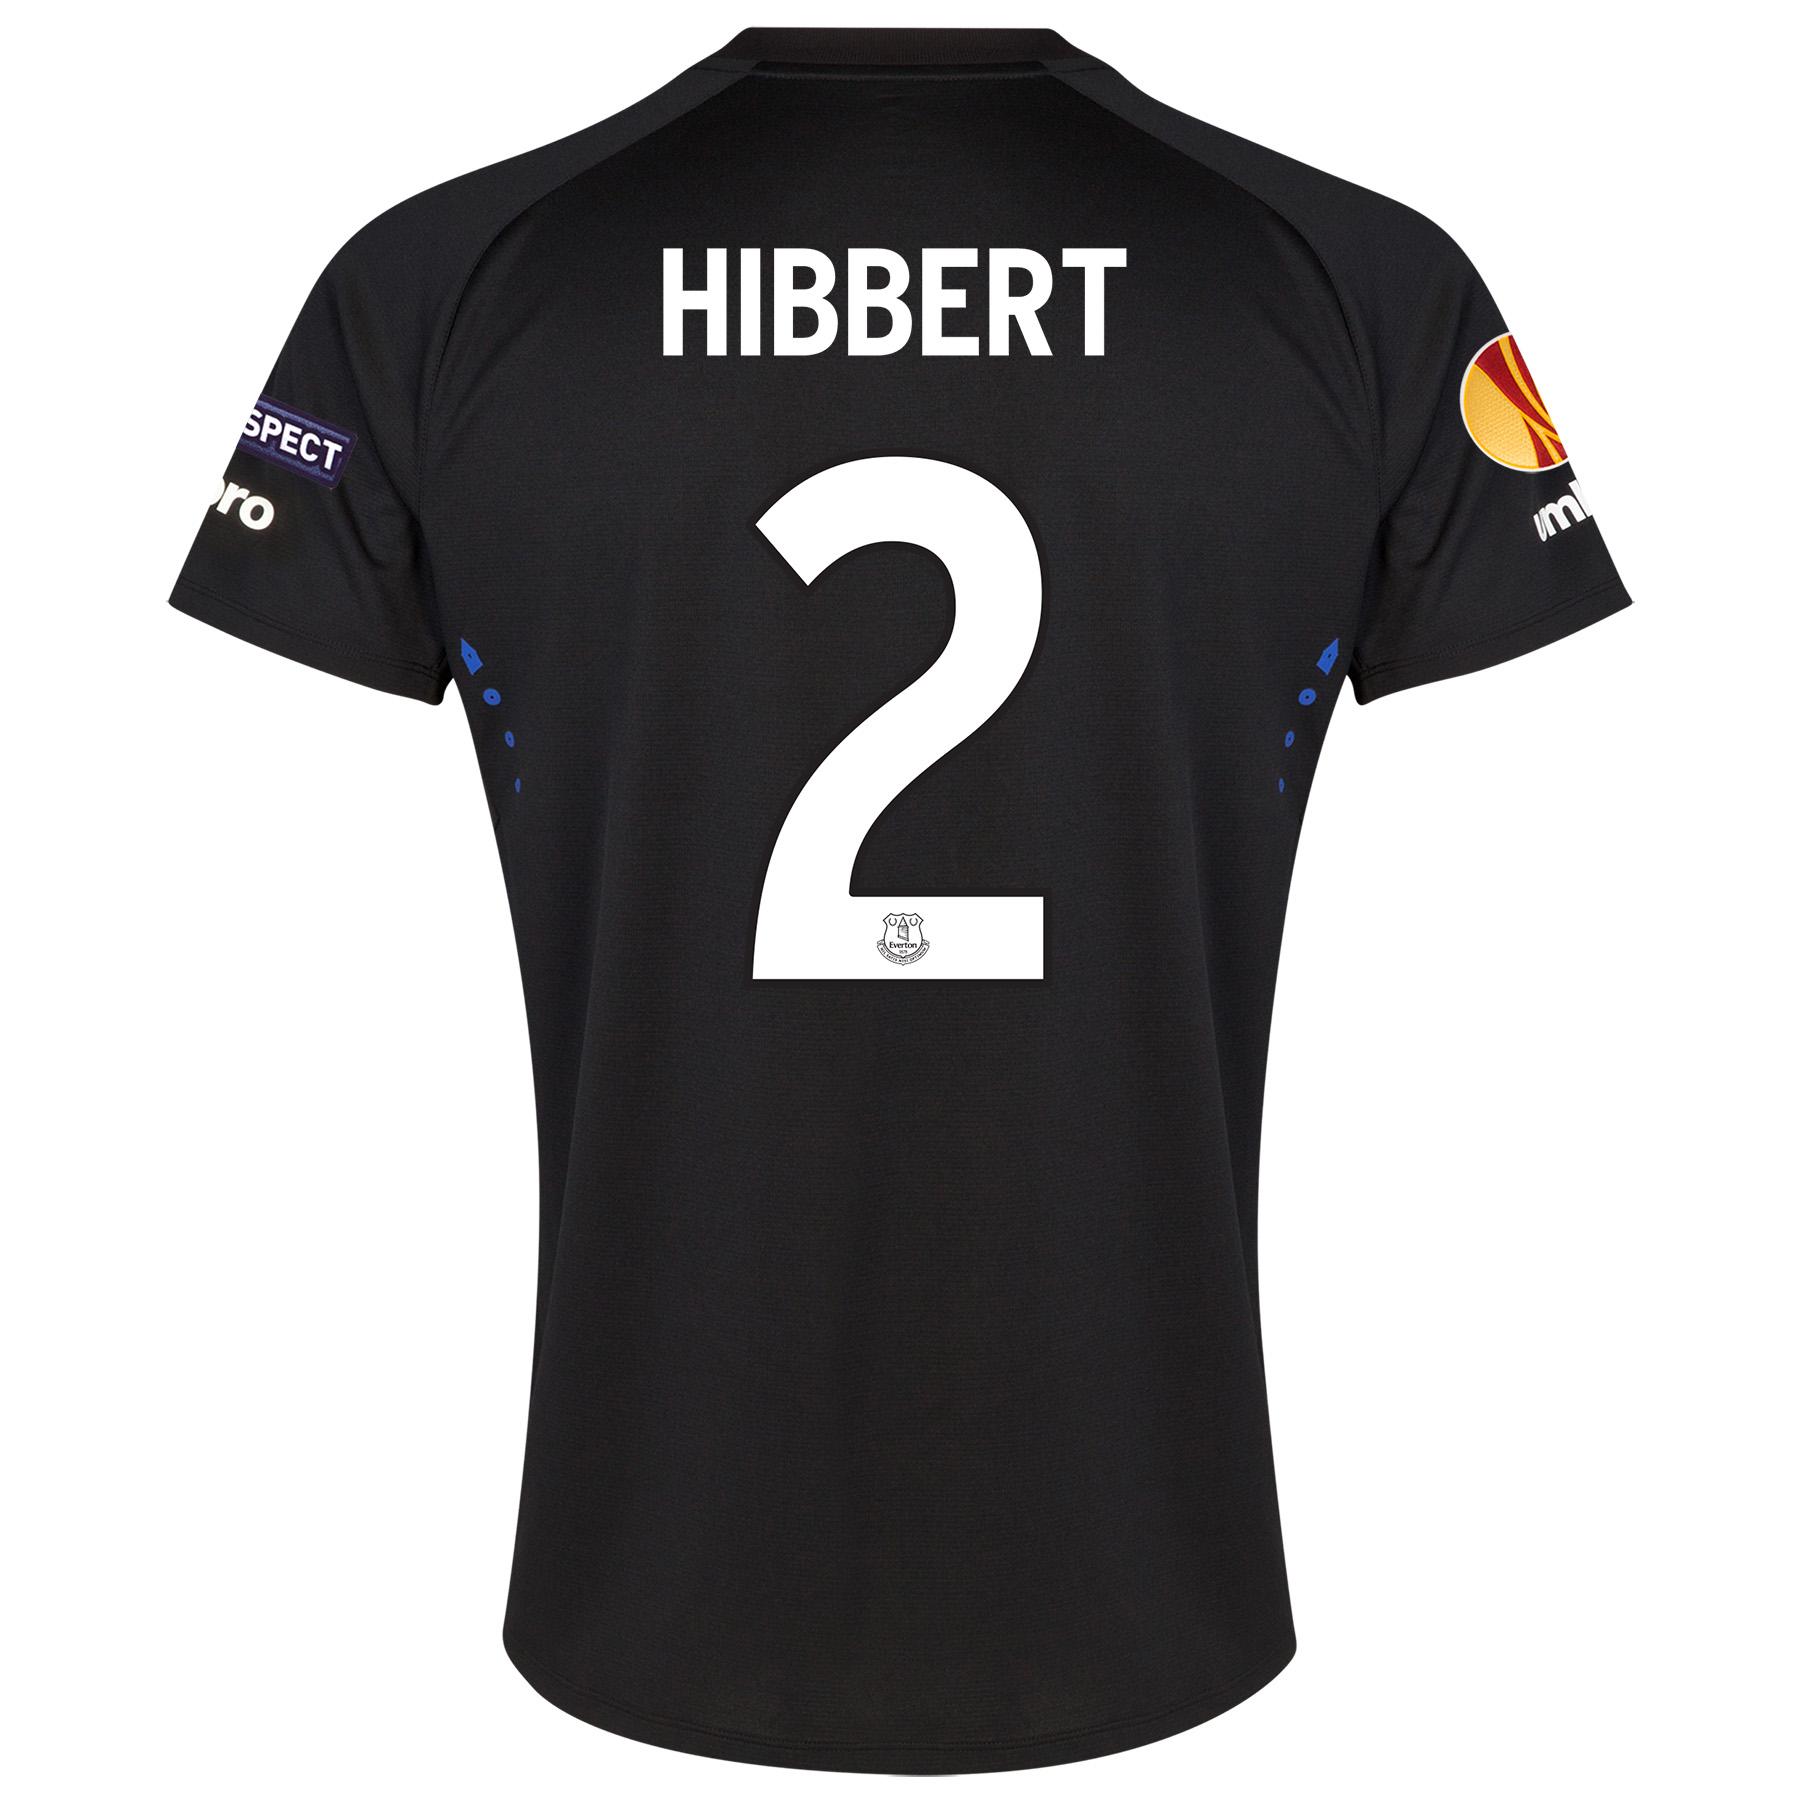 Everton UEFA Europa League Away Shirt 2014/15 with Hibbert 2 printing